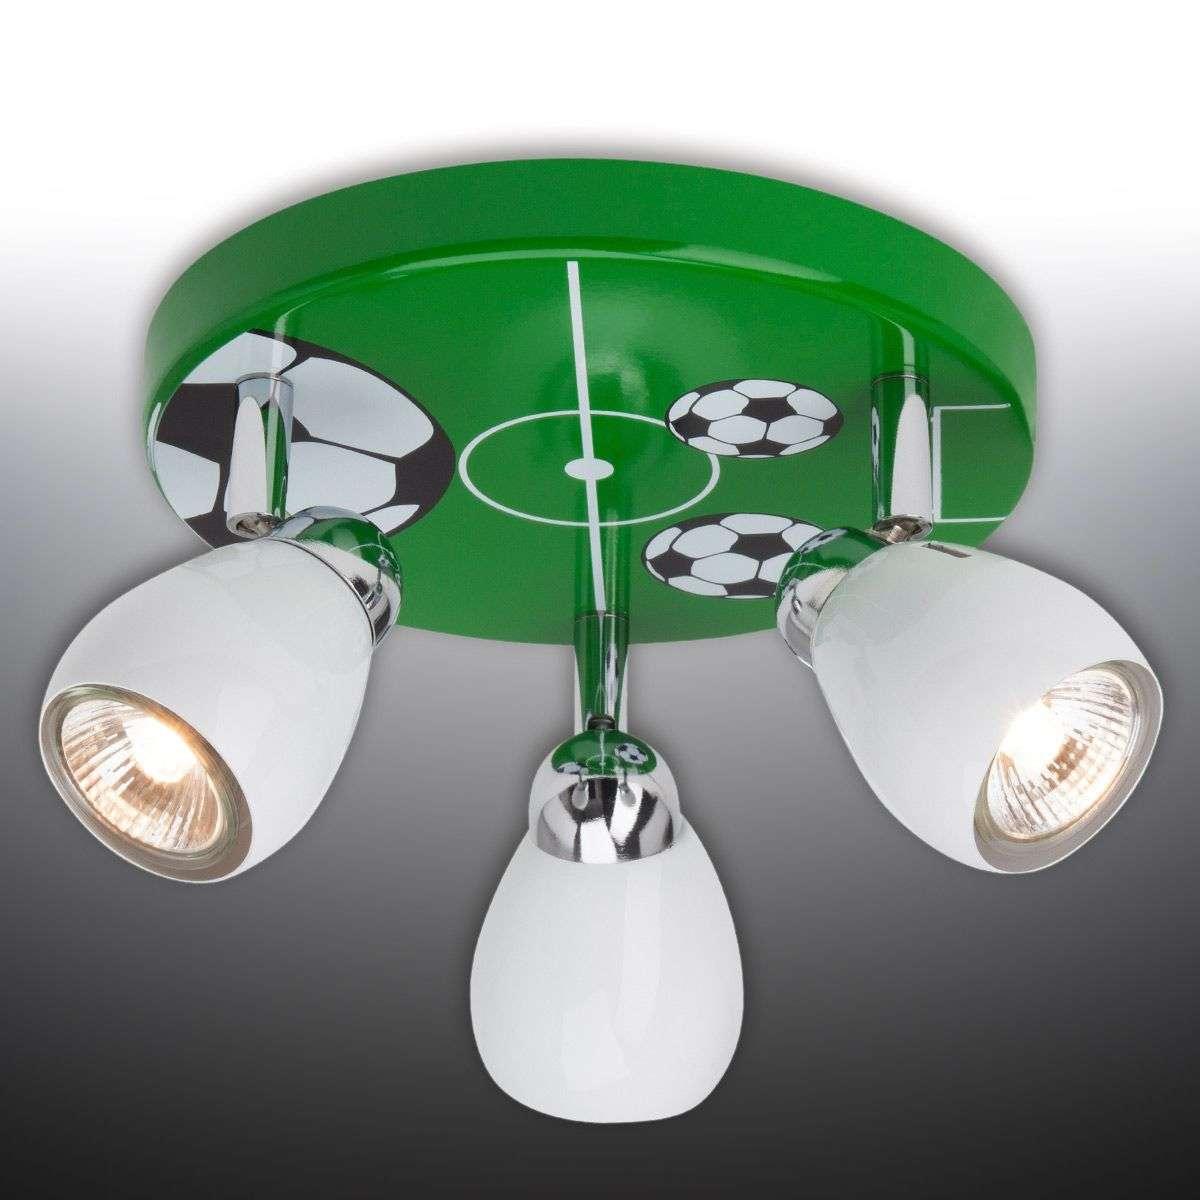 childrens ceiling lighting. Football Childrens Ceiling Light-1507233-31 Lighting G